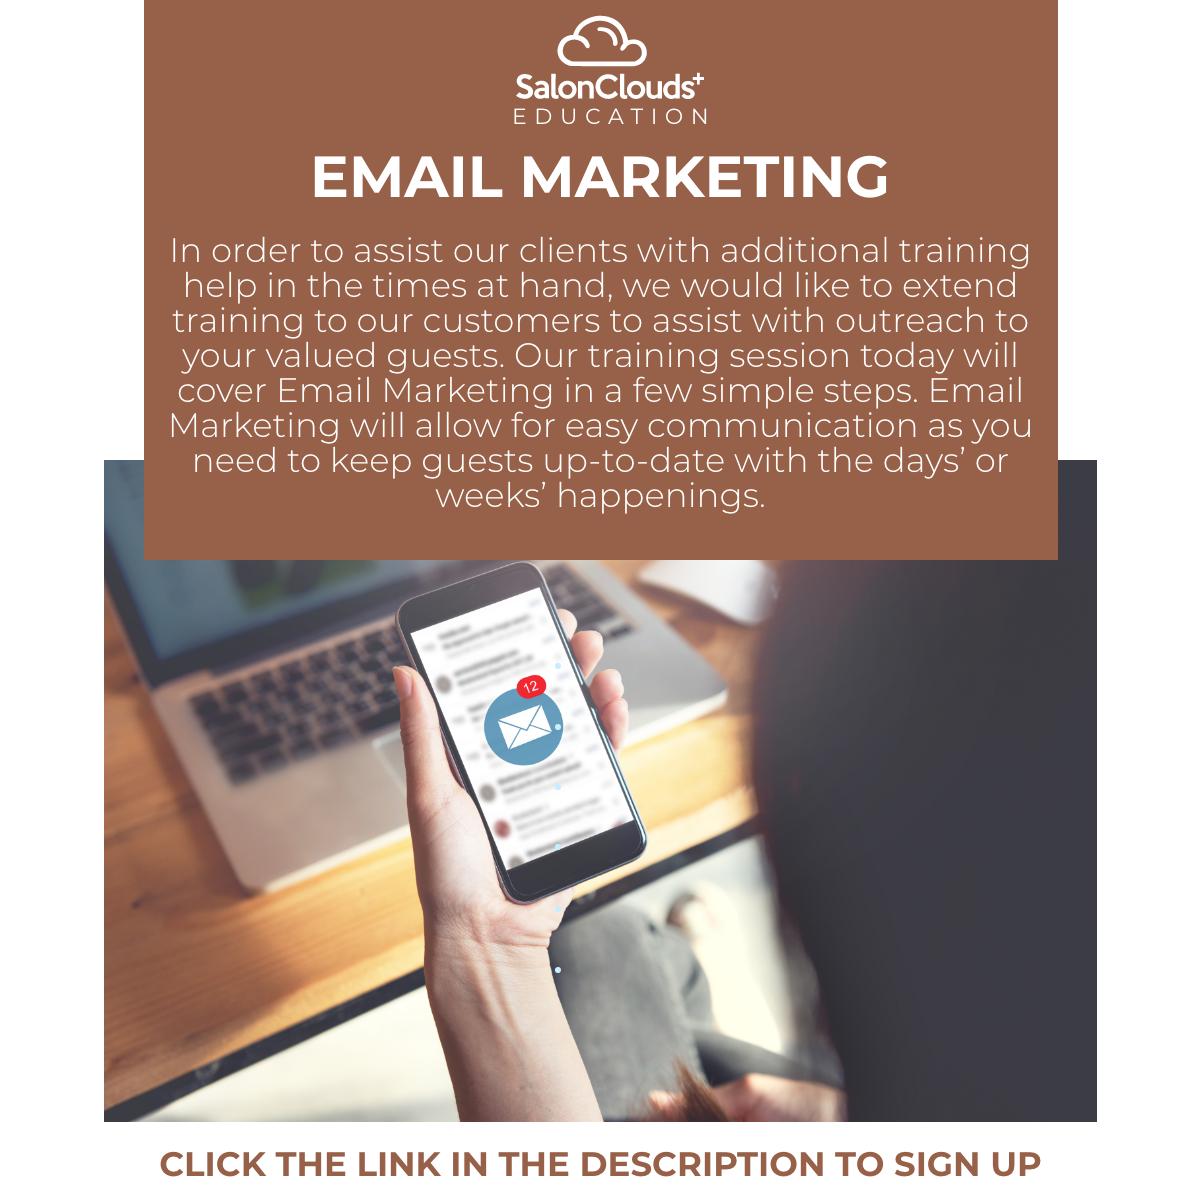 Friday, October 30th, 2020--Email Marketing Training Webinar